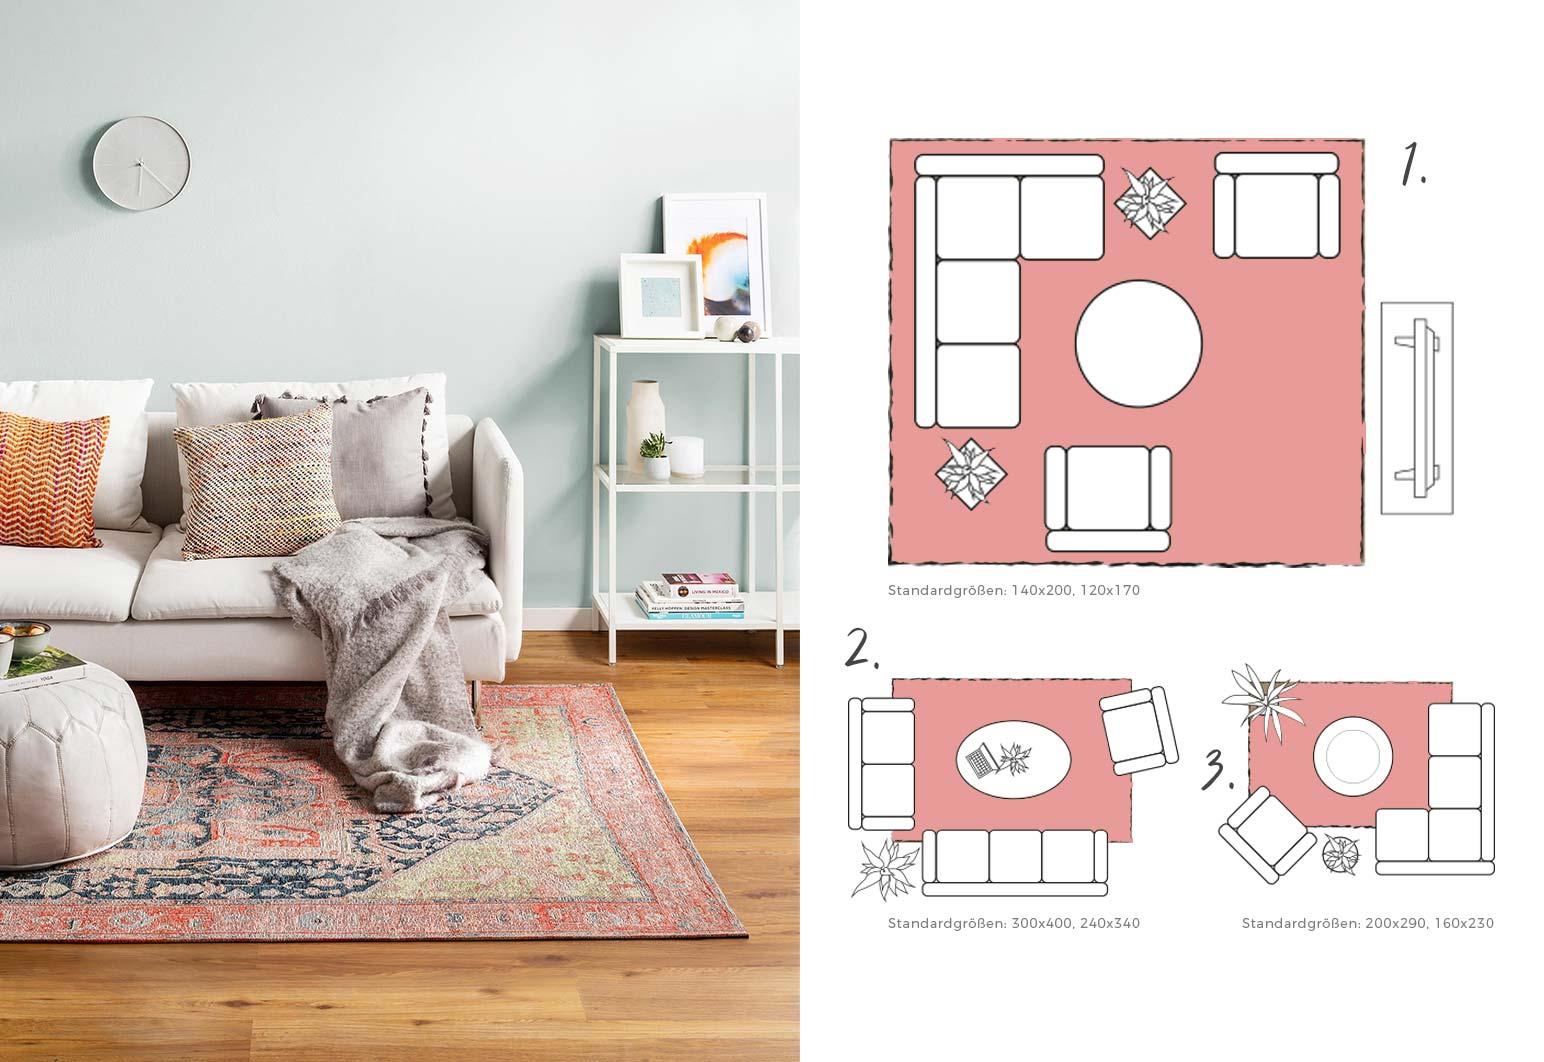 Full Size of Teppich Wohnzimmer Ikea Beige Braun Hochflor Poco Kurzflor Grau Vintage Modern Tipps Blog Teppichgroesse Bestimmen Sideboard Deckenlampen Deckenleuchten Led Wohnzimmer Teppich Wohnzimmer